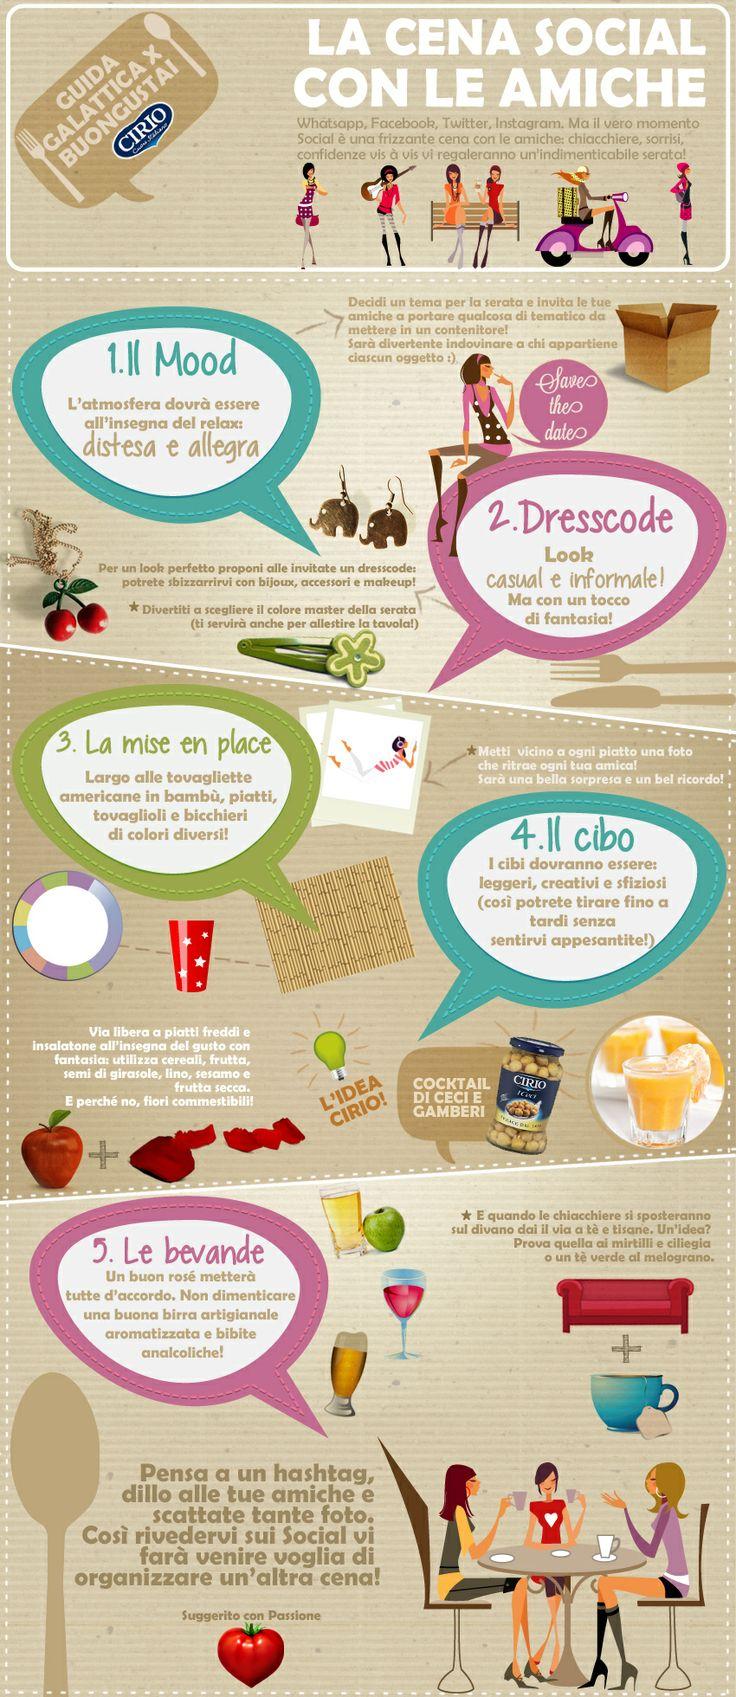 """""""Guida galattica per Buongustai"""" #Cirio La cena #social con le amiche #friends #dinner #infographic"""